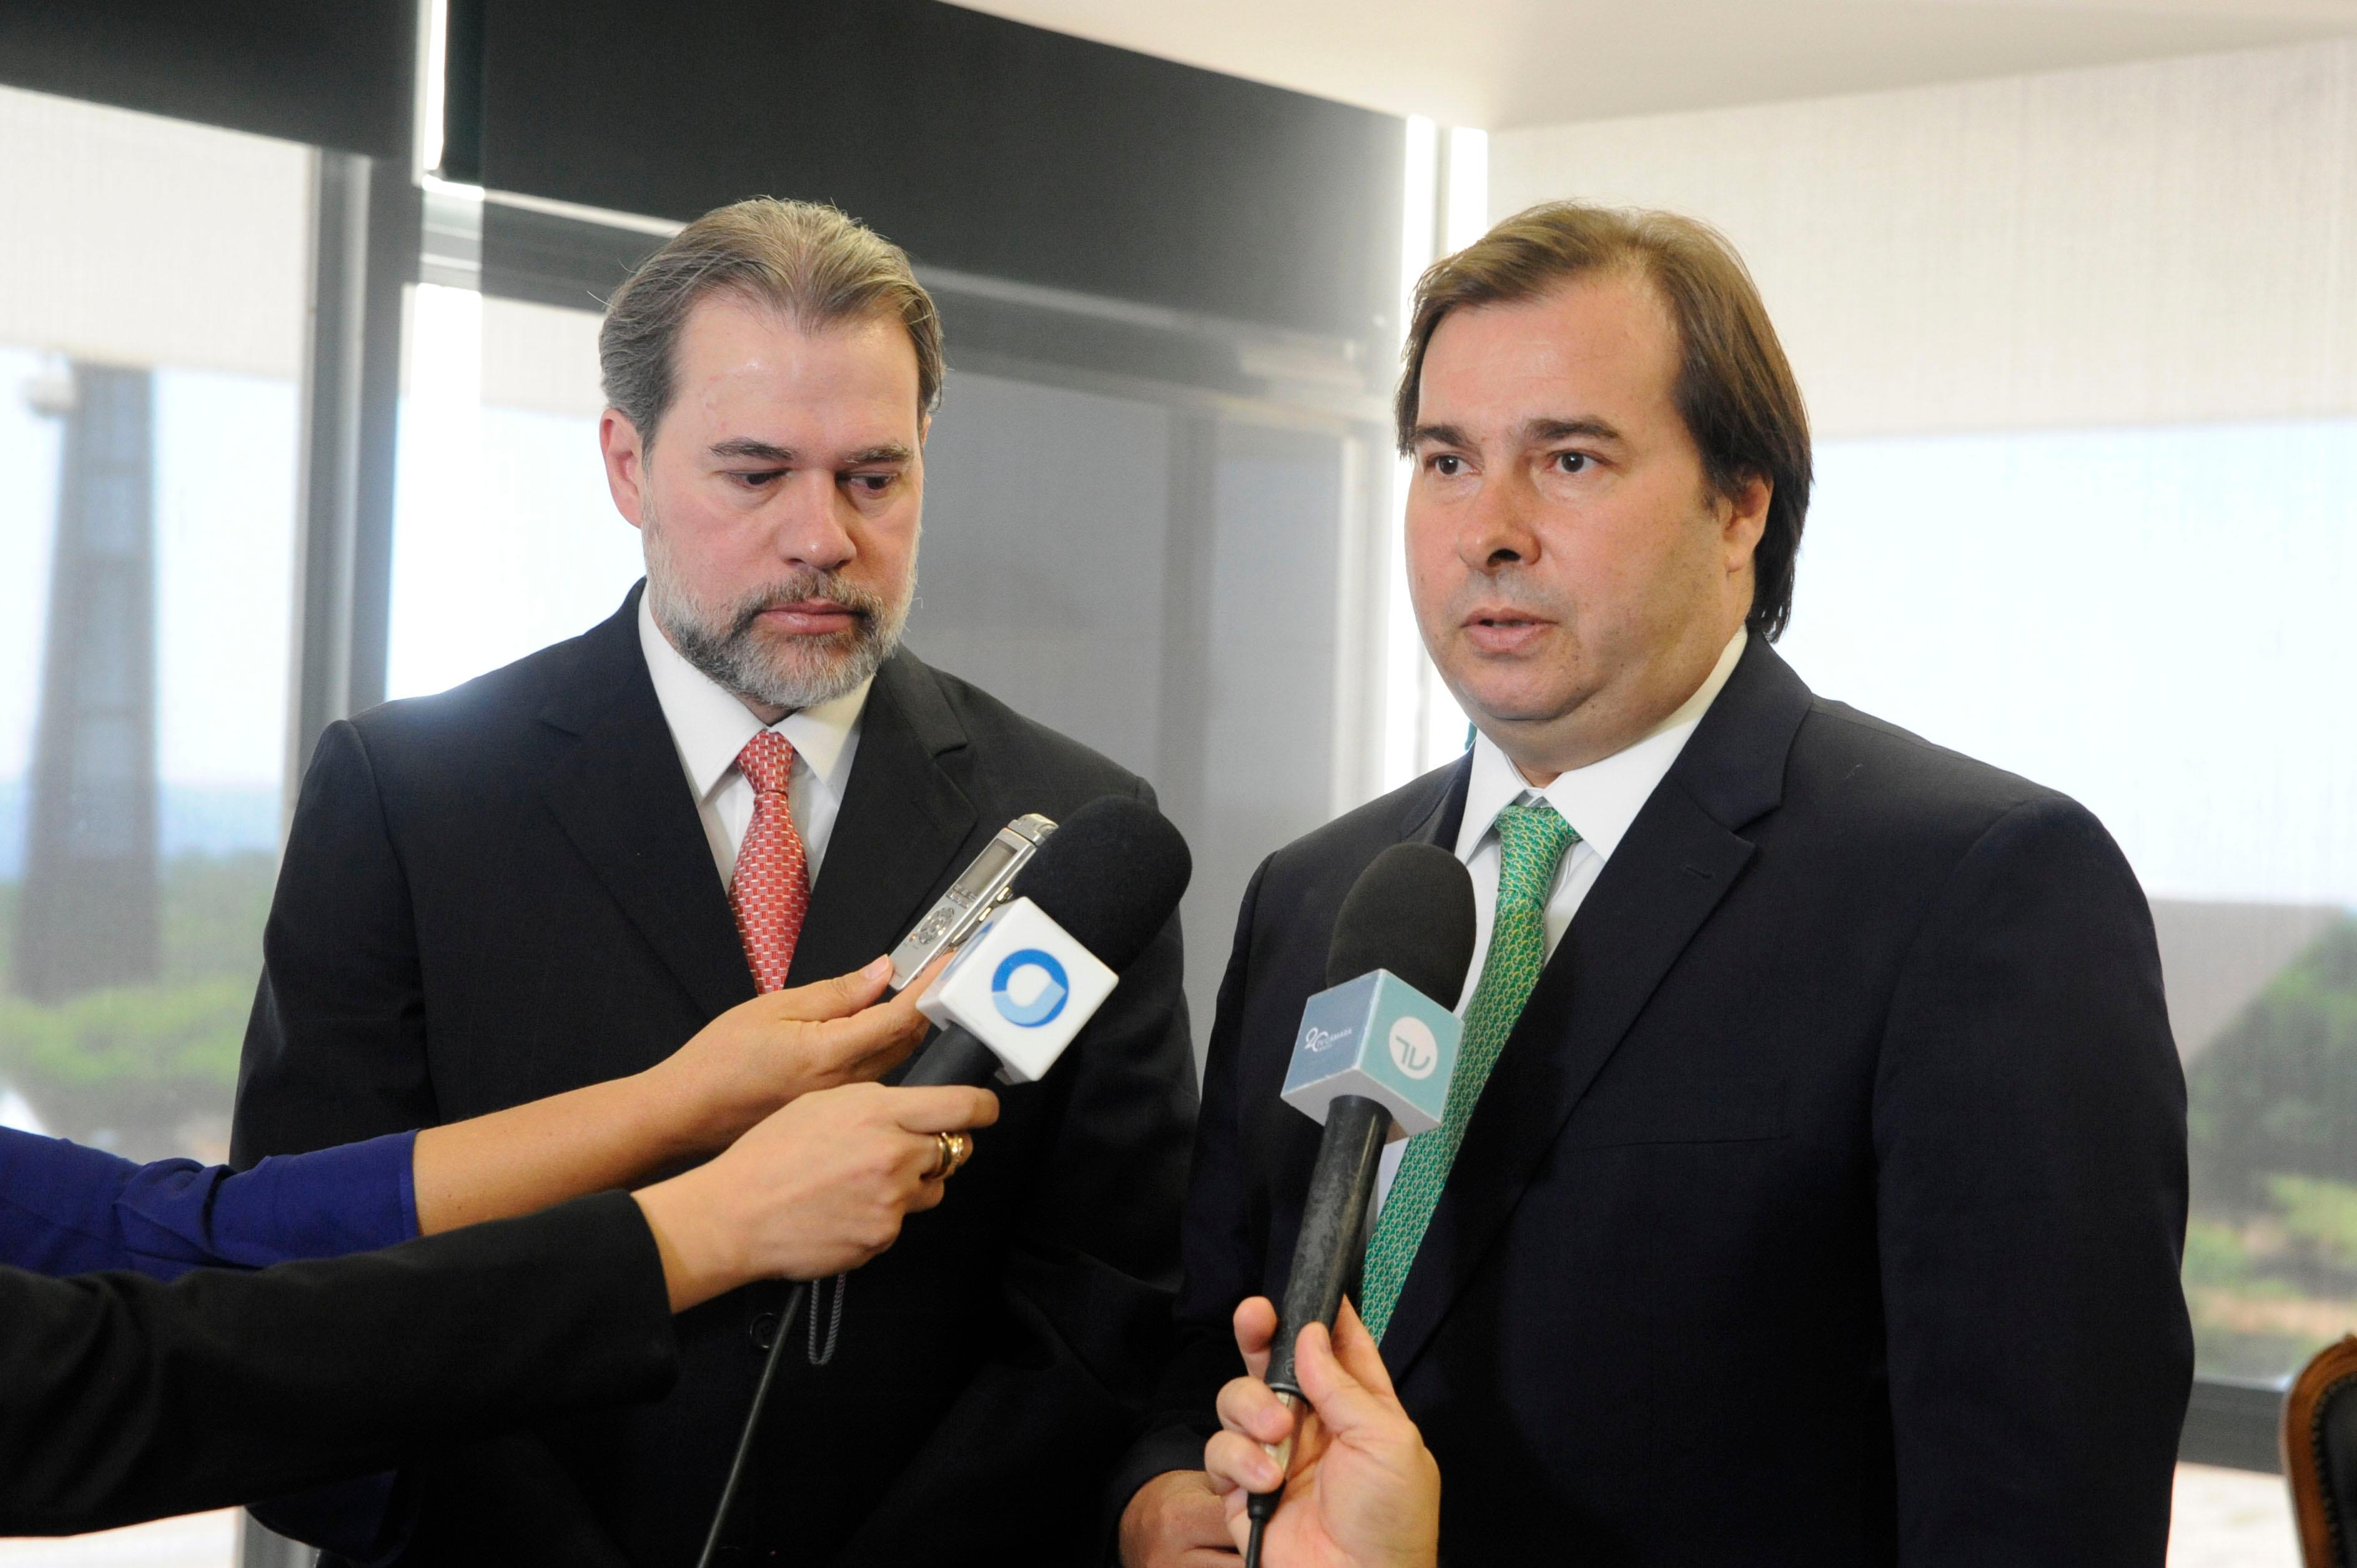 Deputado Rodrigo Maia Presidente da Câmara dos Deputados  durante encontro com o ministro Dias Toffoli presidente do STF